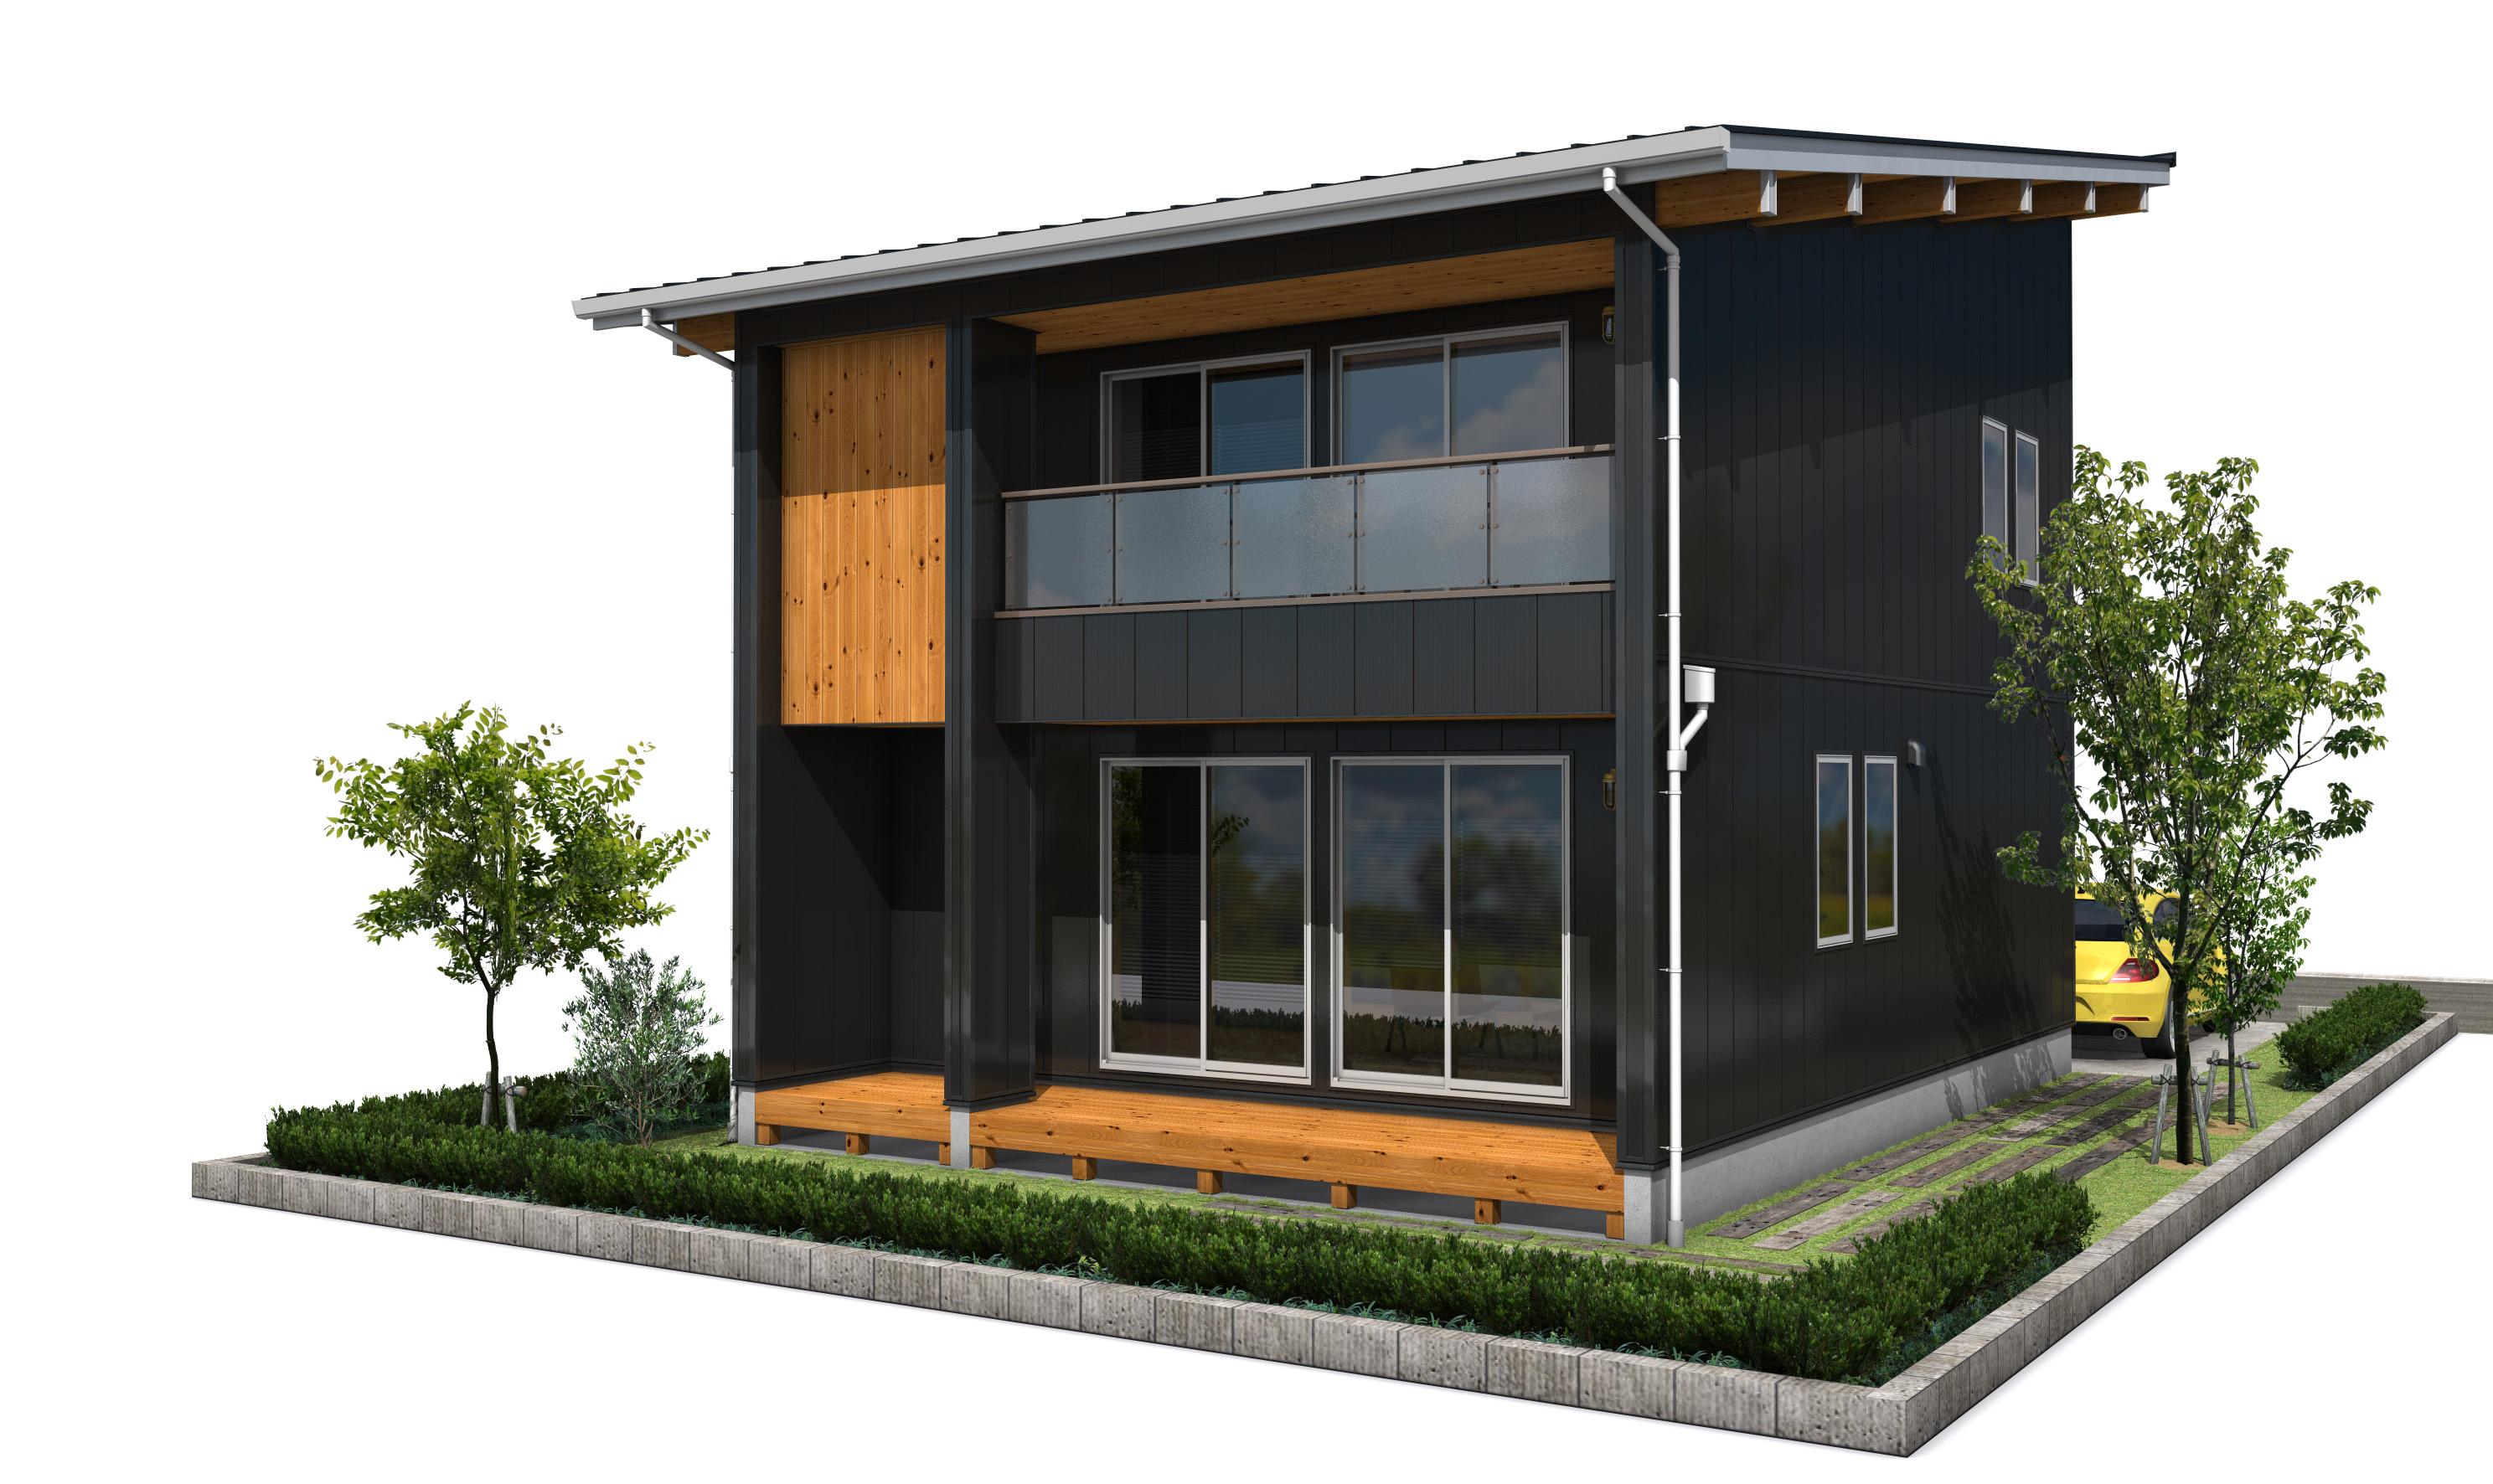 分譲地, FREEQ HOMES,1000万円台